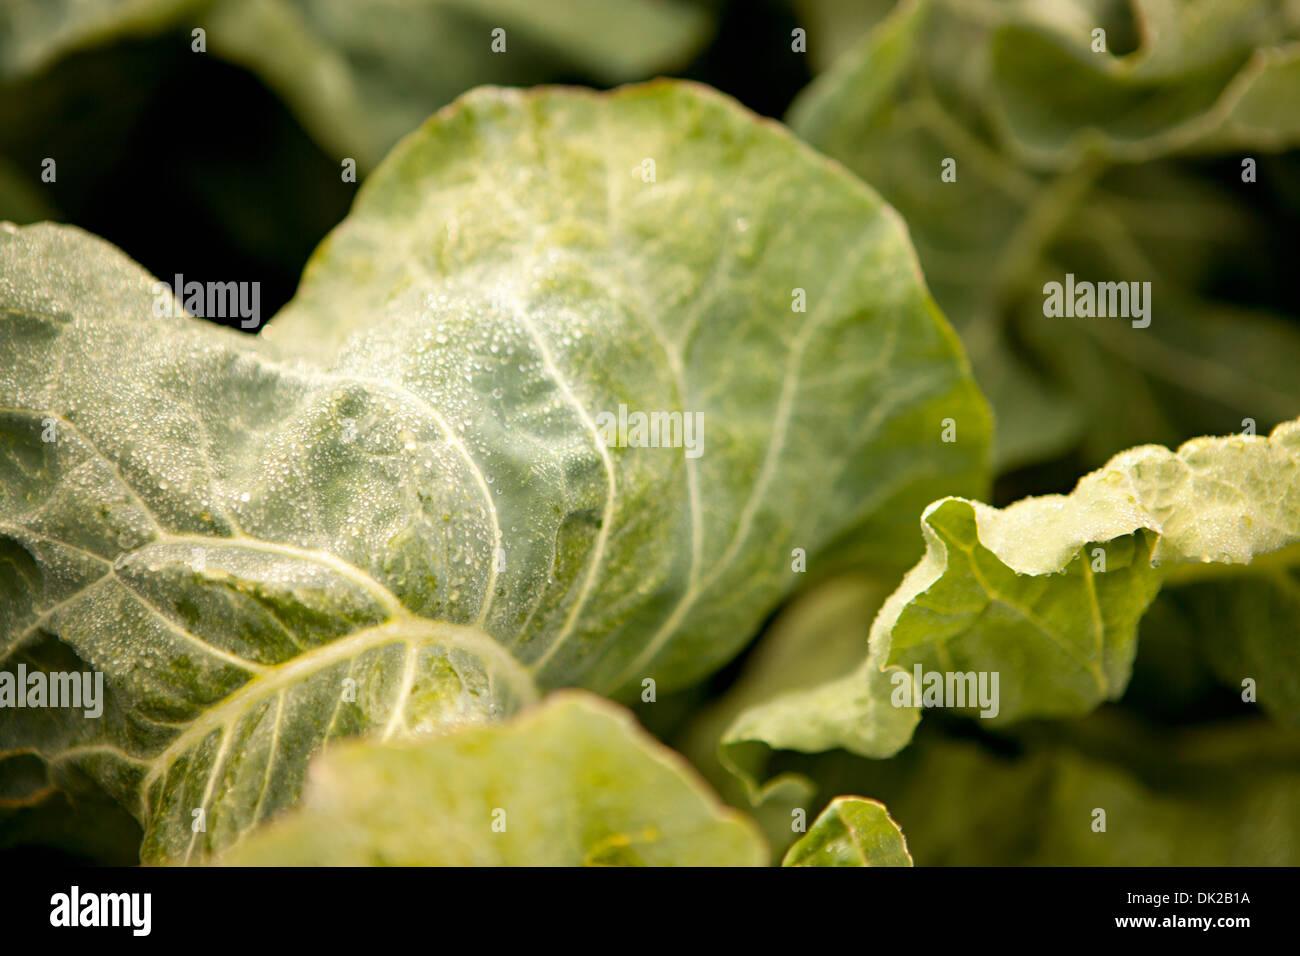 Full Frame Cerrar detalle de verduras crecientes en el jardín Imagen De Stock